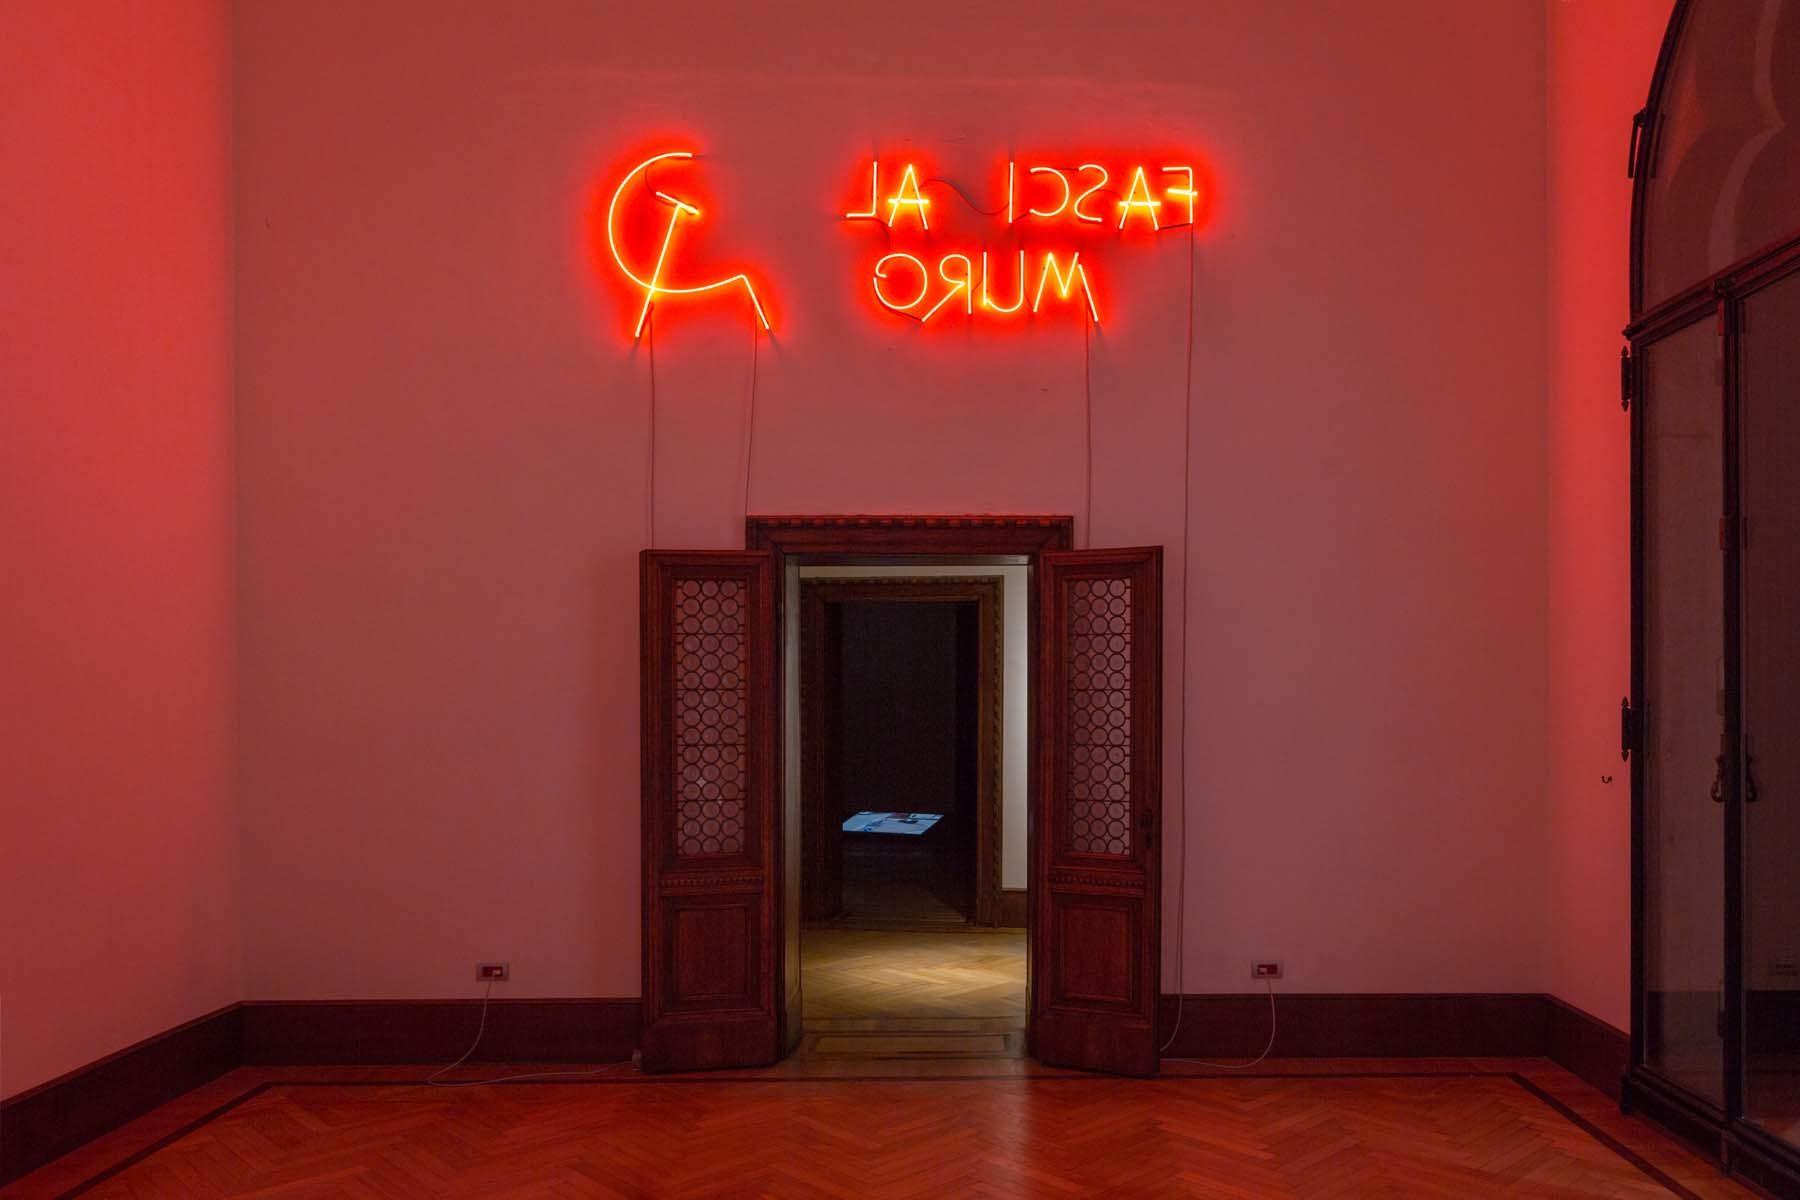 Nemanja Cvijanović, Fasci al muro, 2018, red neon light, 87 x 262 cm, ph. Nico Covre